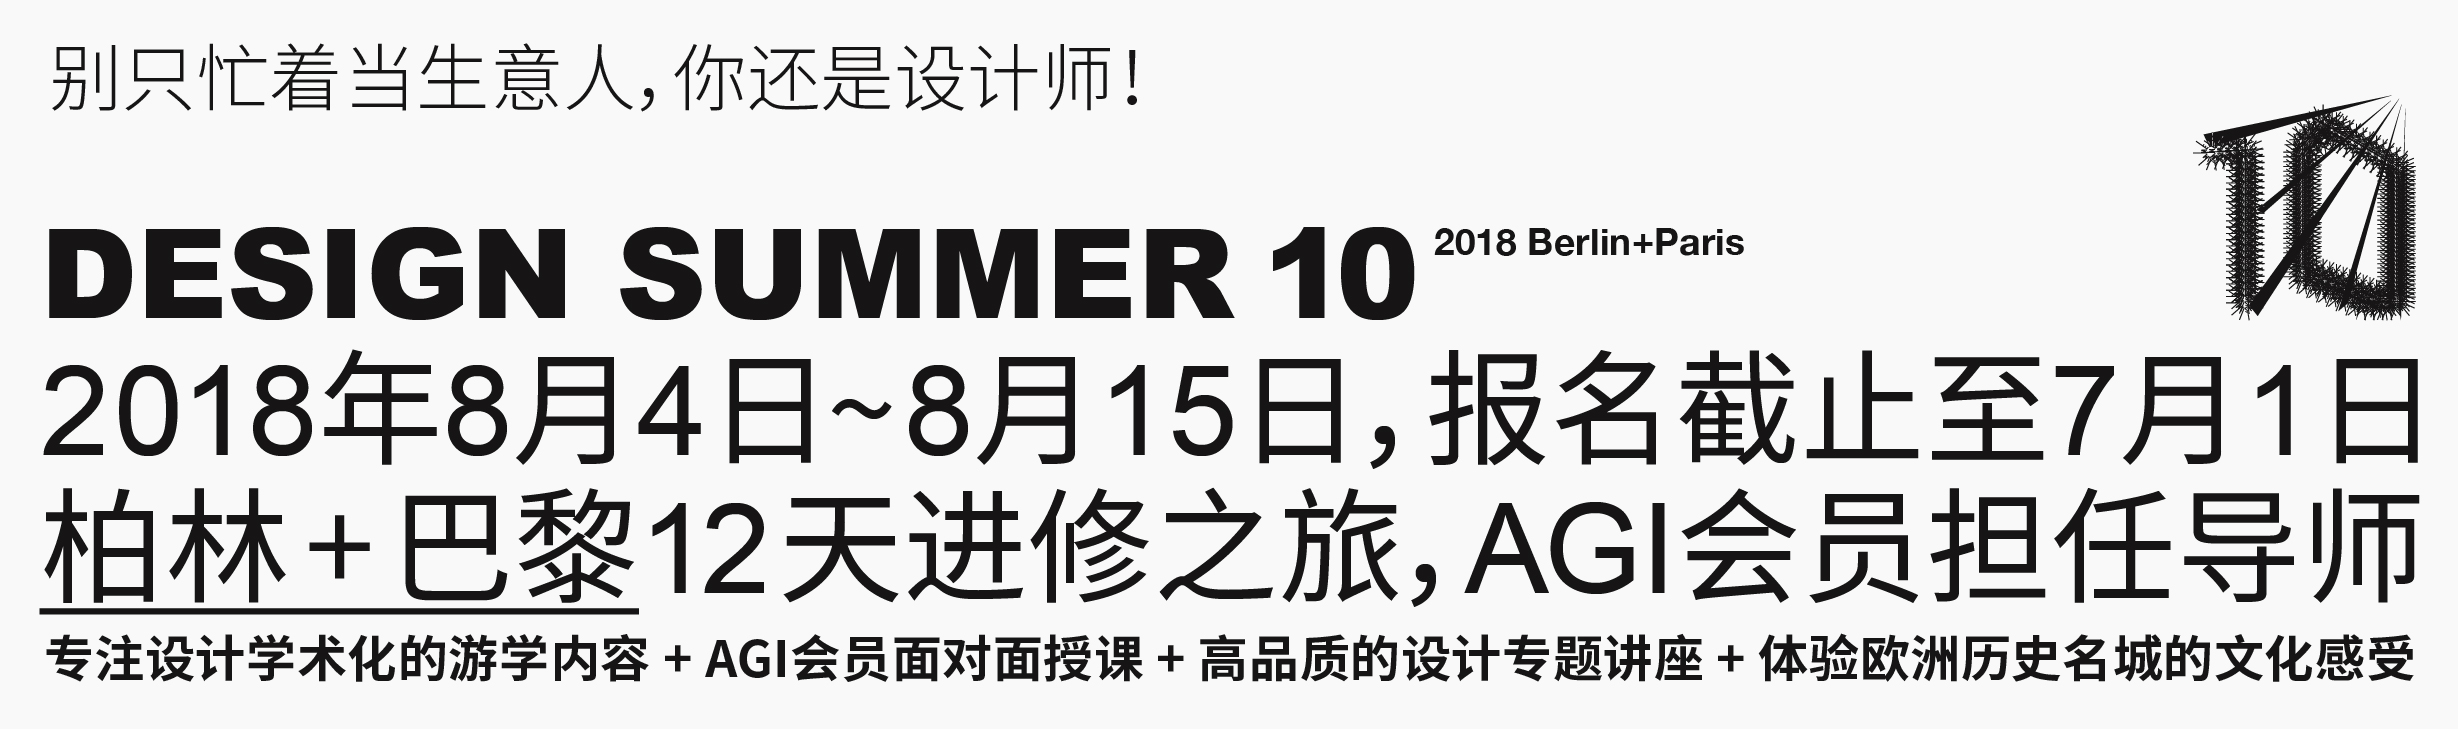 【设计十夏】柏林+巴黎12天进修之旅,AGI会员担任导师